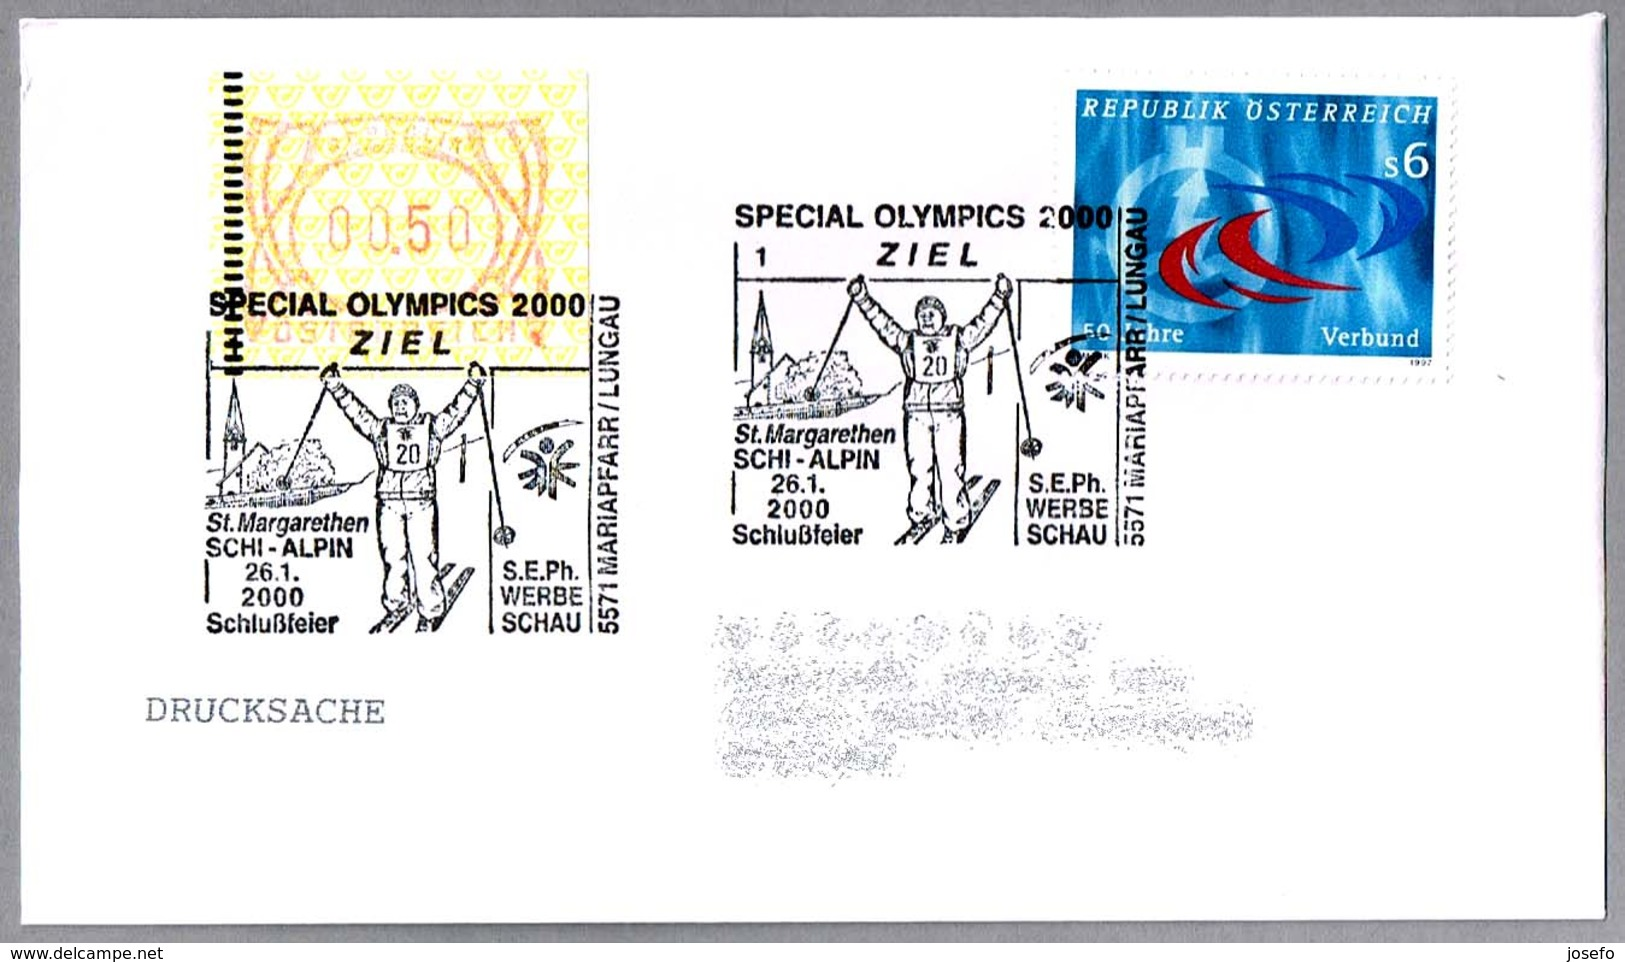 SPECIAL OLYMPICS 2000 - ZIEL. Schlussfeier. Mariapfarr 2000 - Handisport